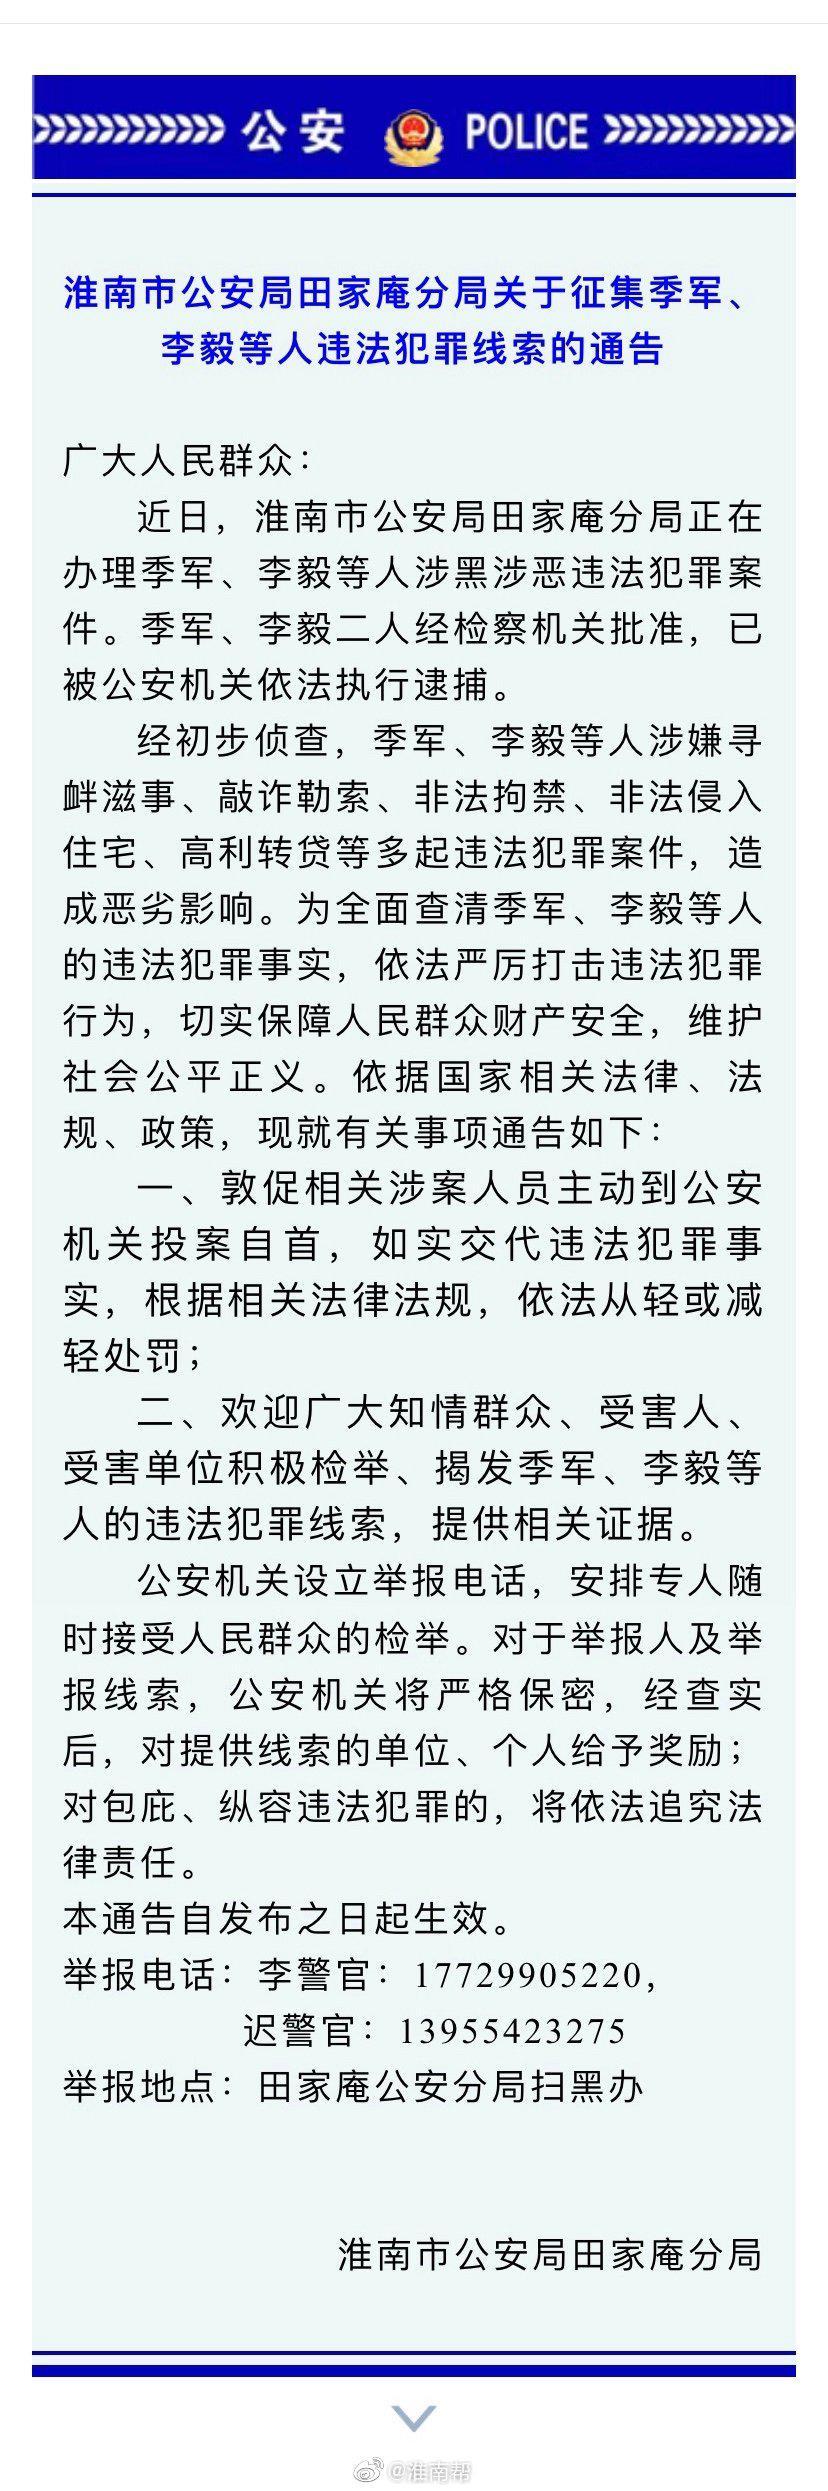 淮南市公安局田家庵分局关于征集季军、李毅等人违法犯罪线索的通告